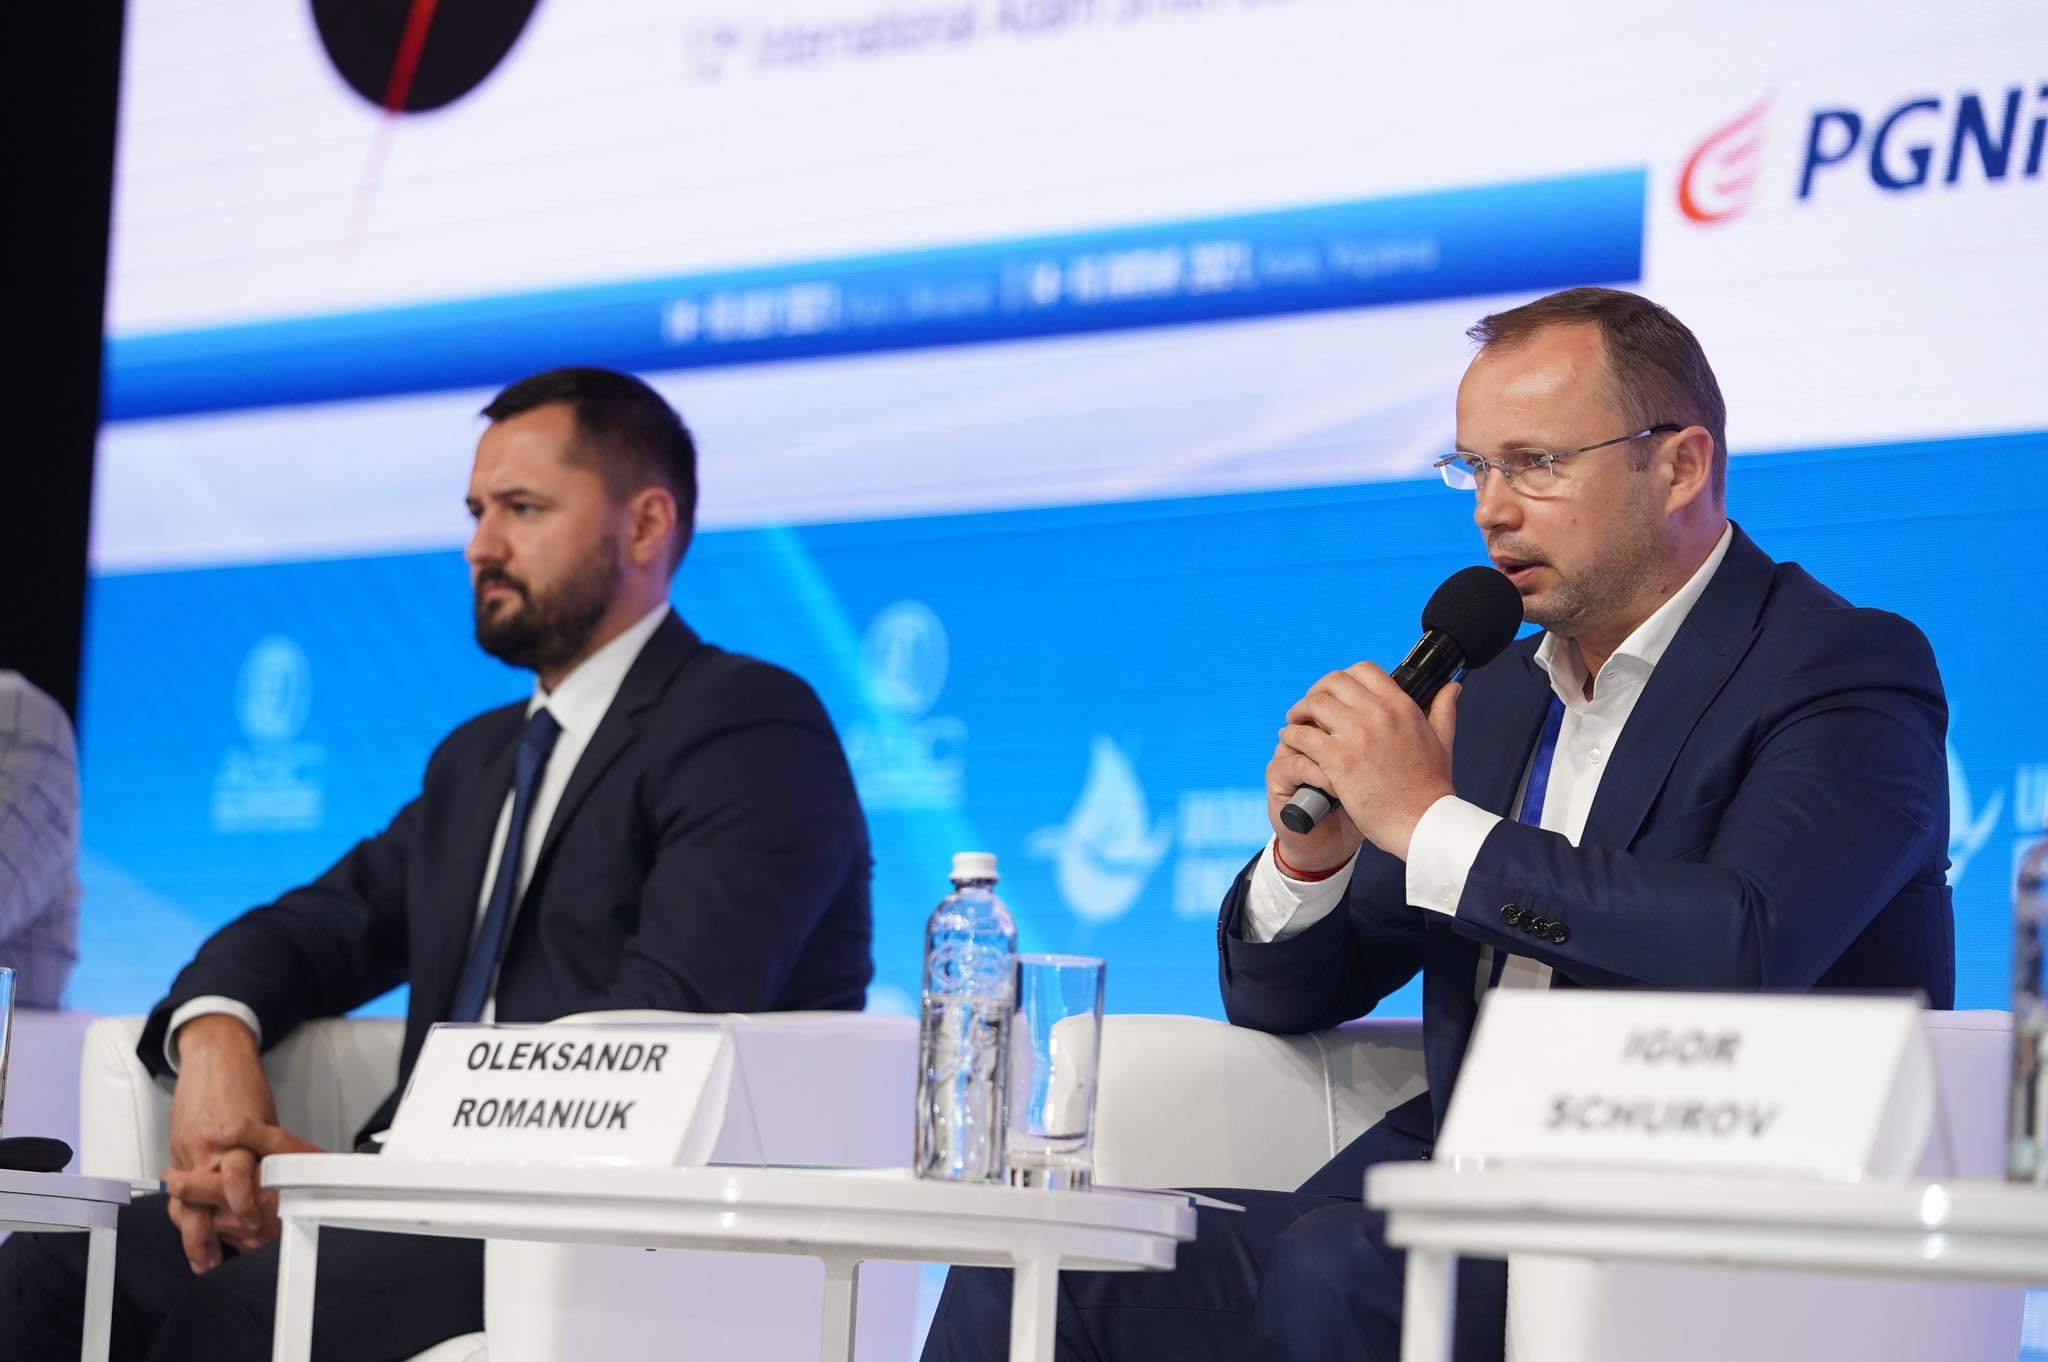 Нафтогаз планує отримати перший газ на стратегічних активах у 2022 році, – Олександр Романюк